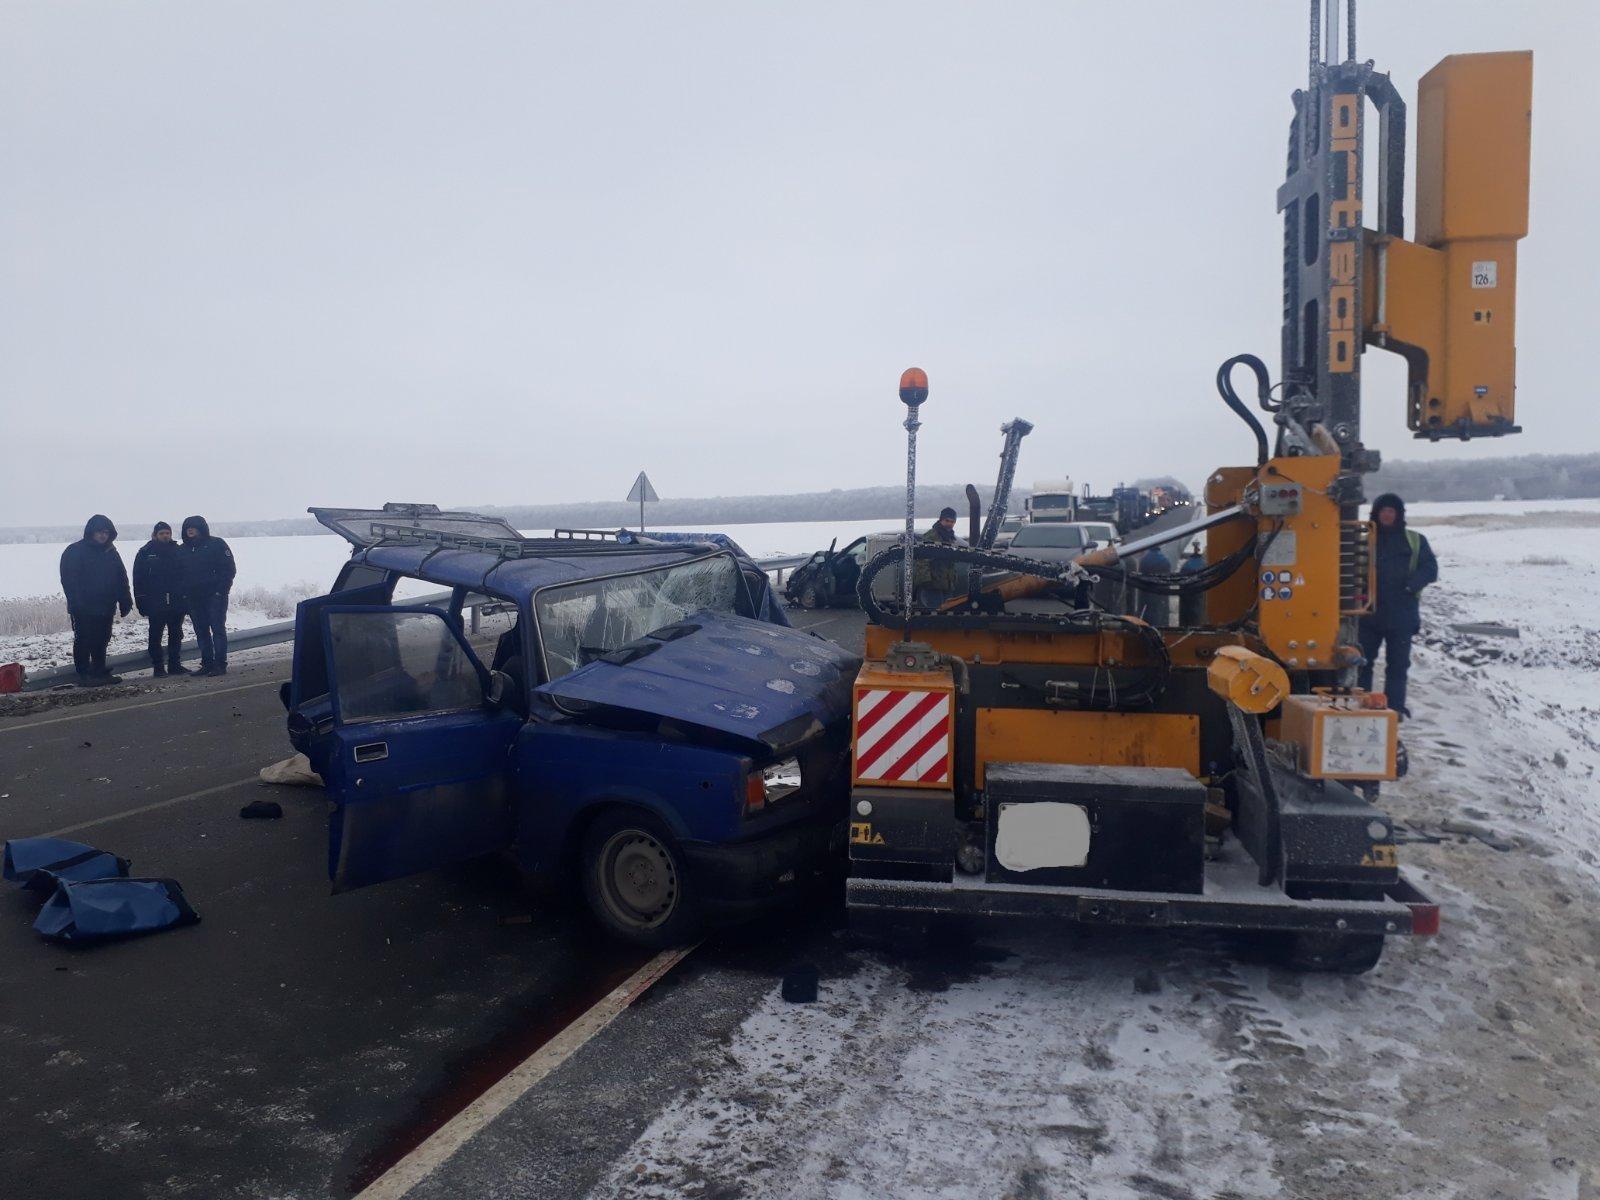 В полиции сообщили подробности аварии со сваебойной машиной в Самарской области